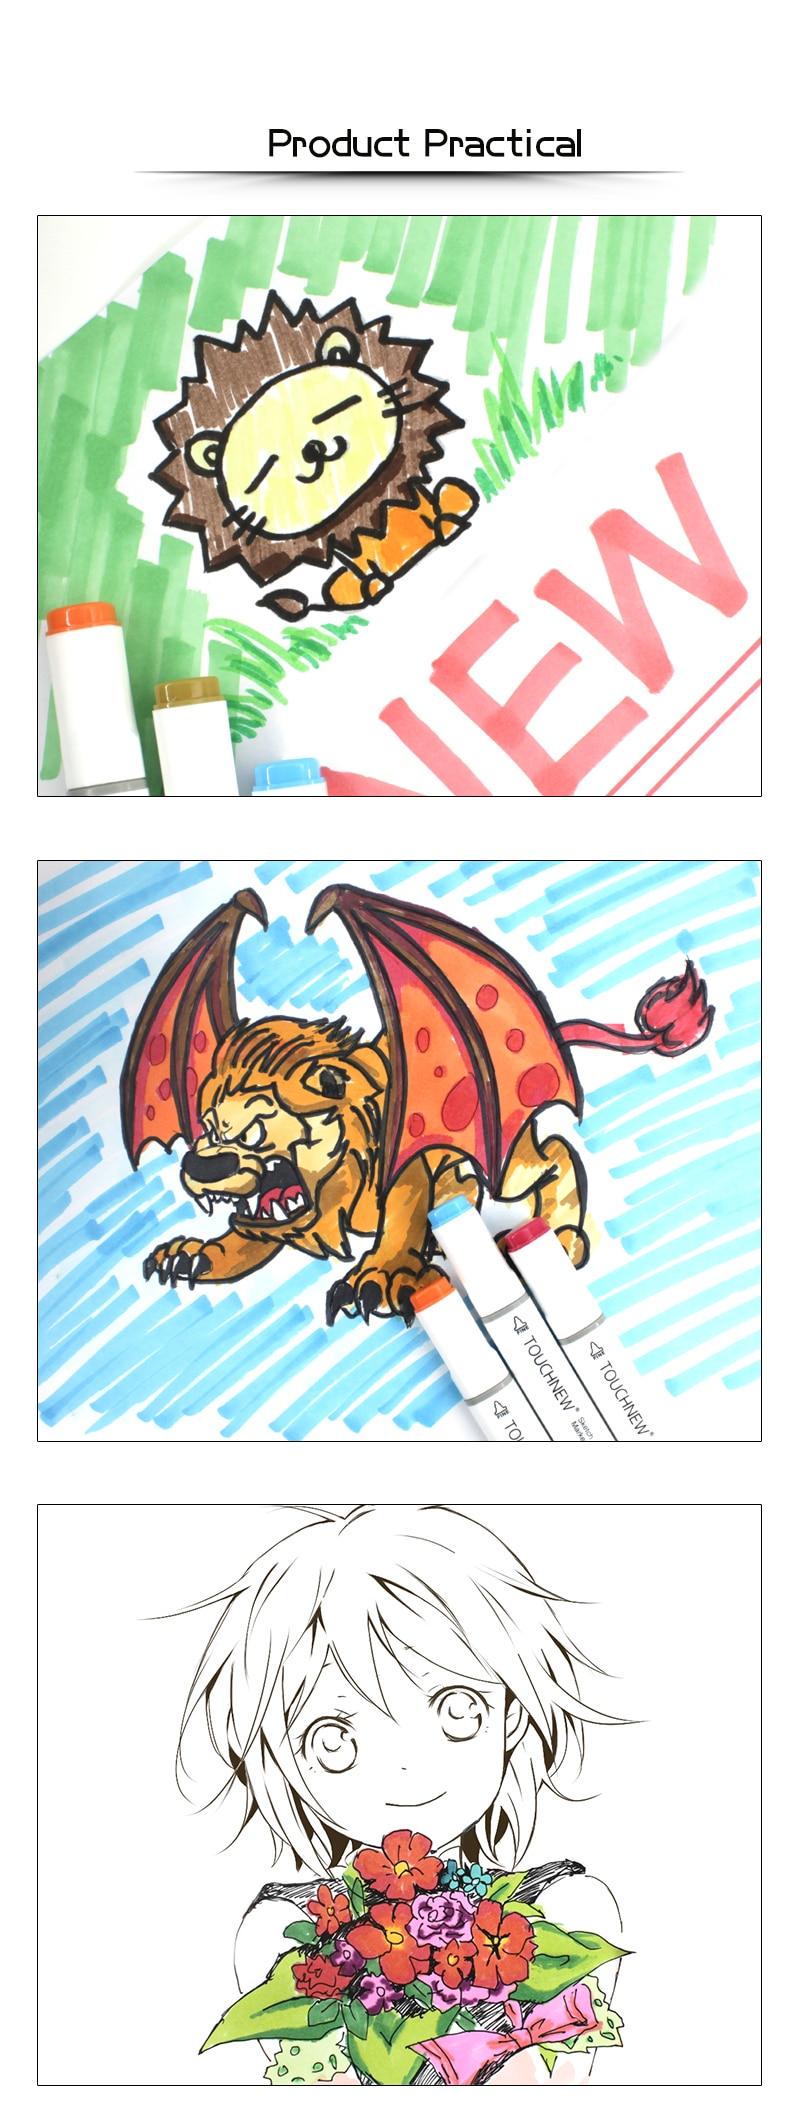 Touchnew 406080168 cores marcadores de arte dupla